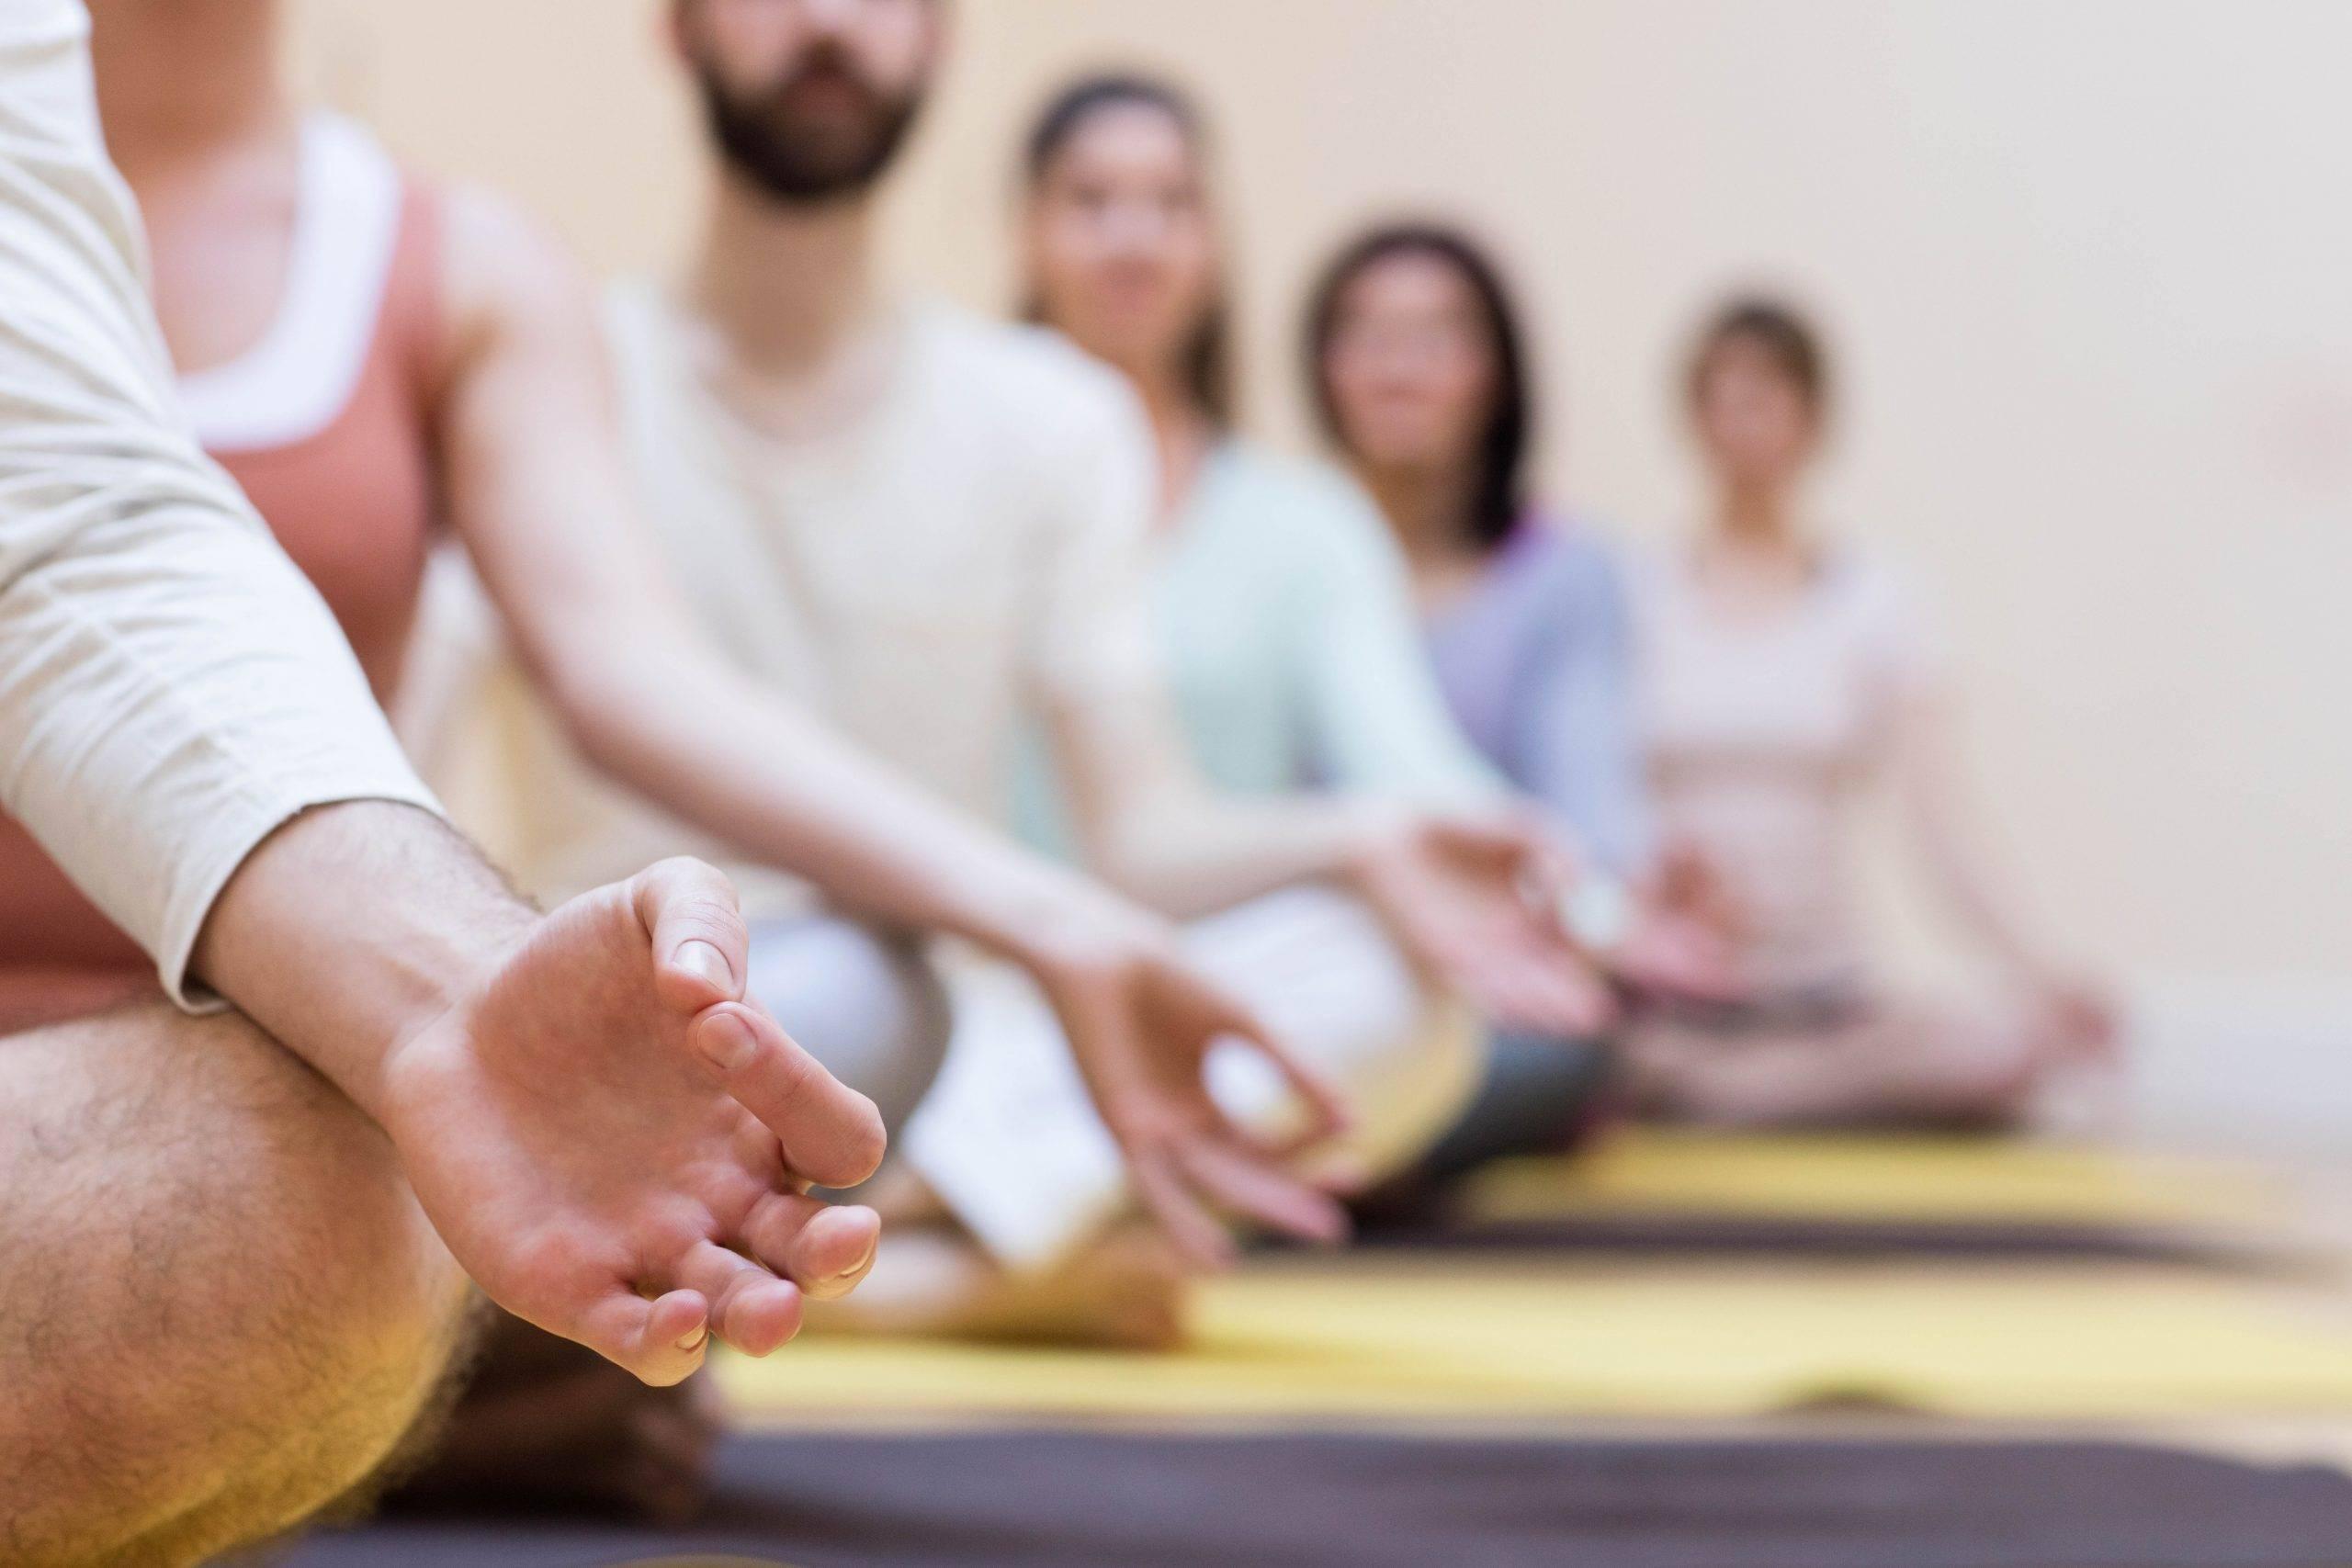 Йога для начинающих: хатха йога, кундалини, айенгар -  какой вид выбрать (описание и фото)   vogue russia